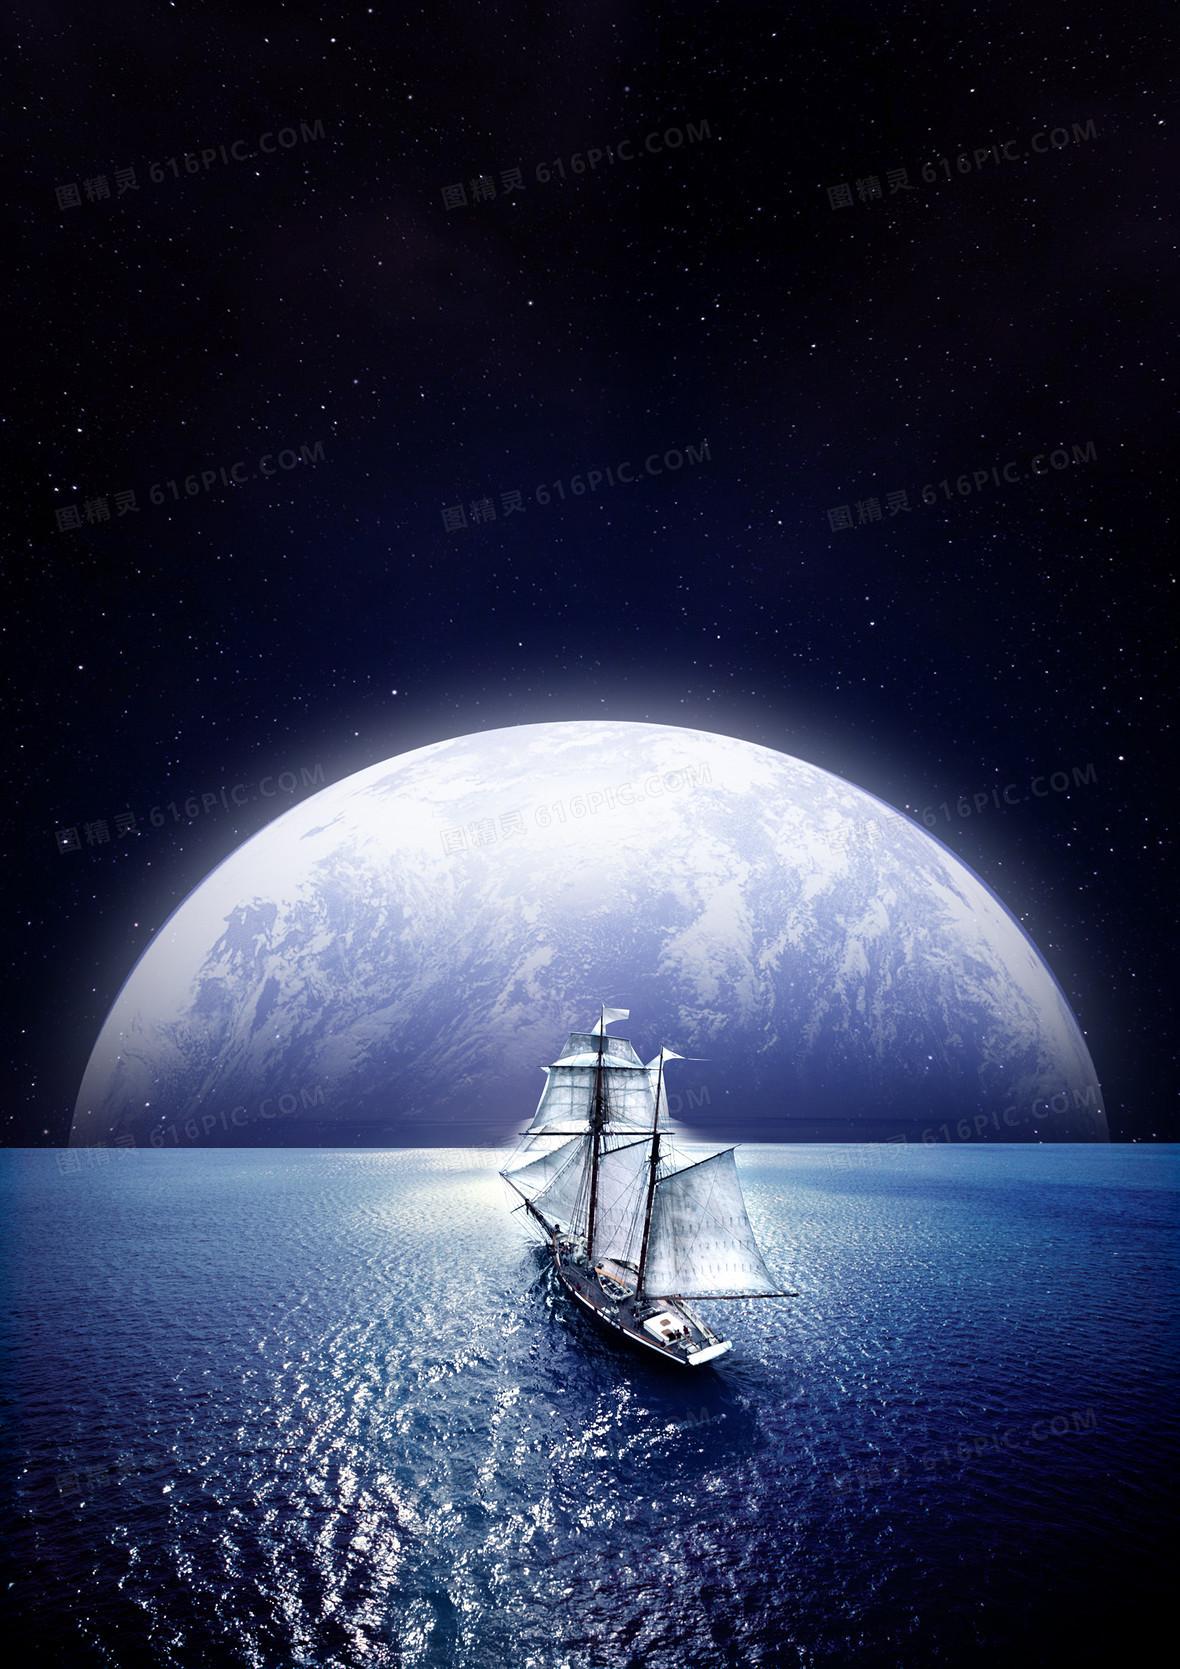 大海地球星空背景素材